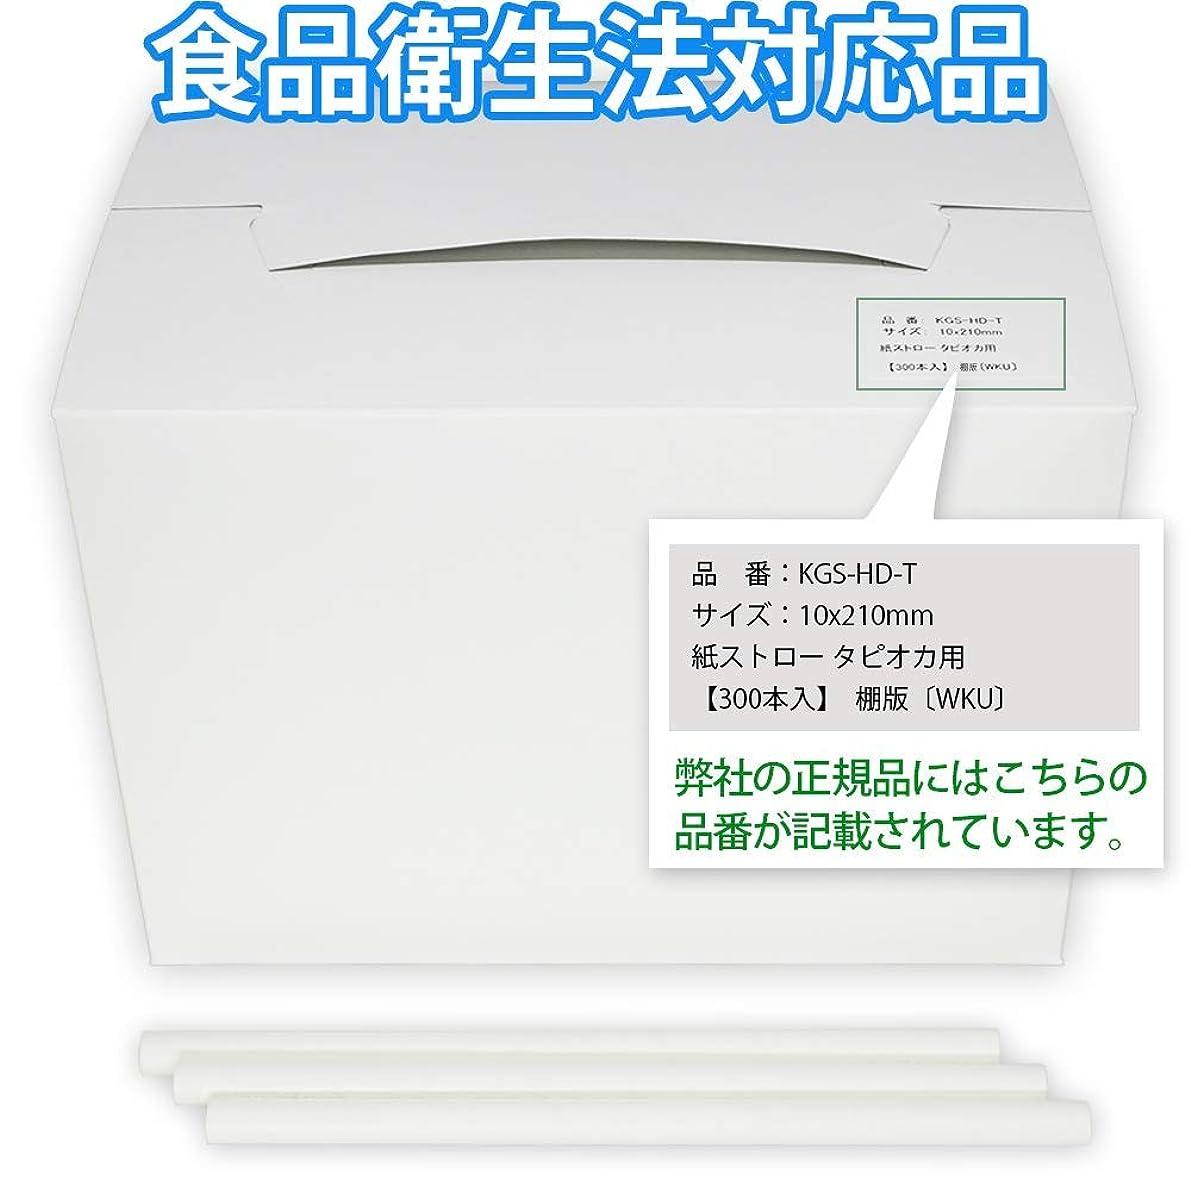 かび臭い神経障害根拠タピオカ用の紙ストロー ホワイト 裸 10ミリ x 210ミリ 【300本】